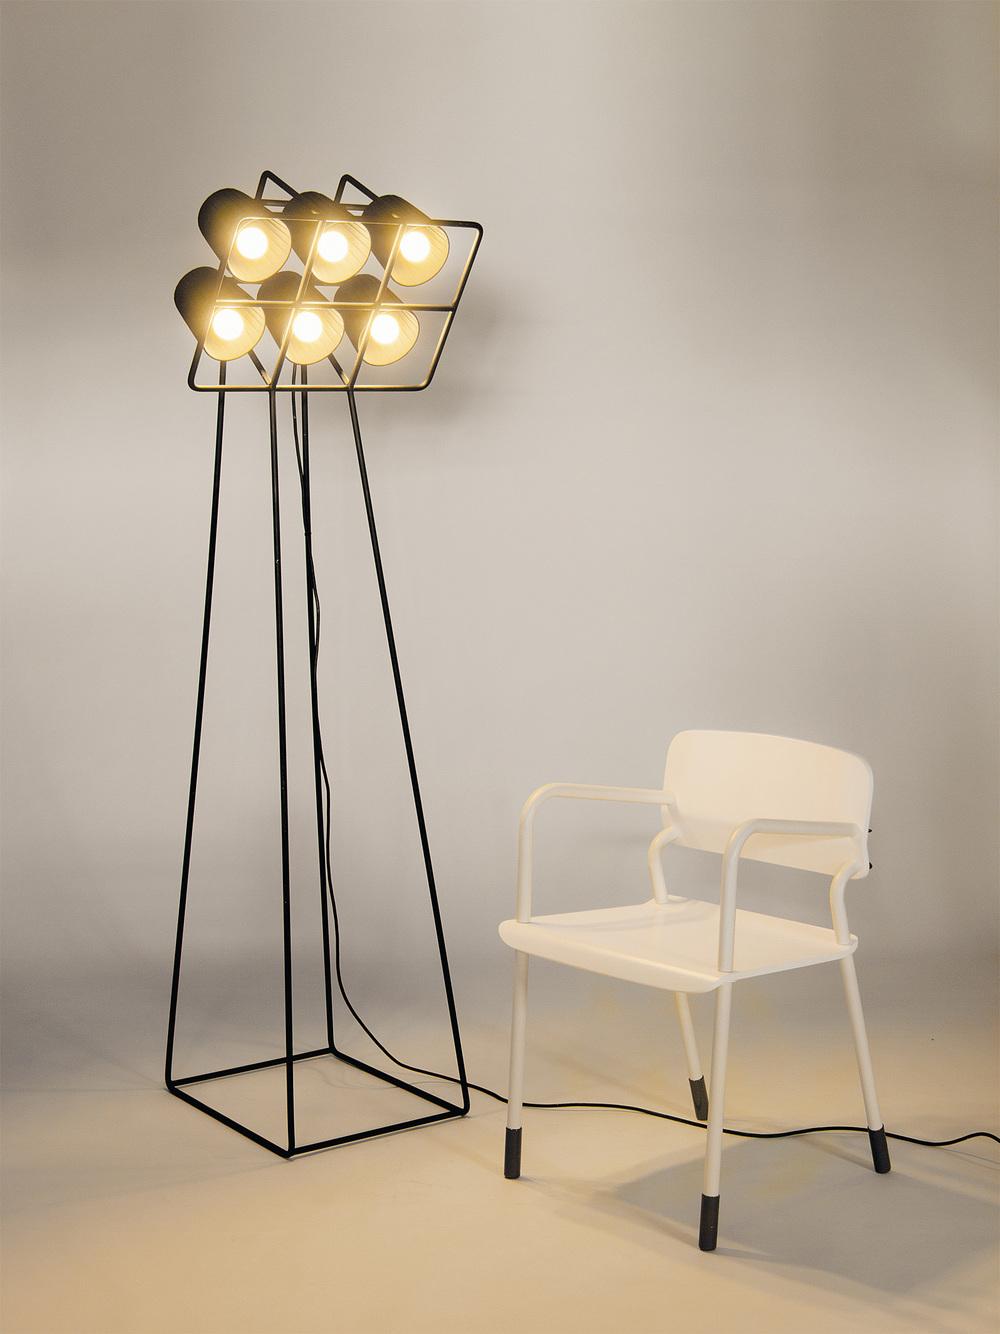 MULTILAMP STANDING LAMP